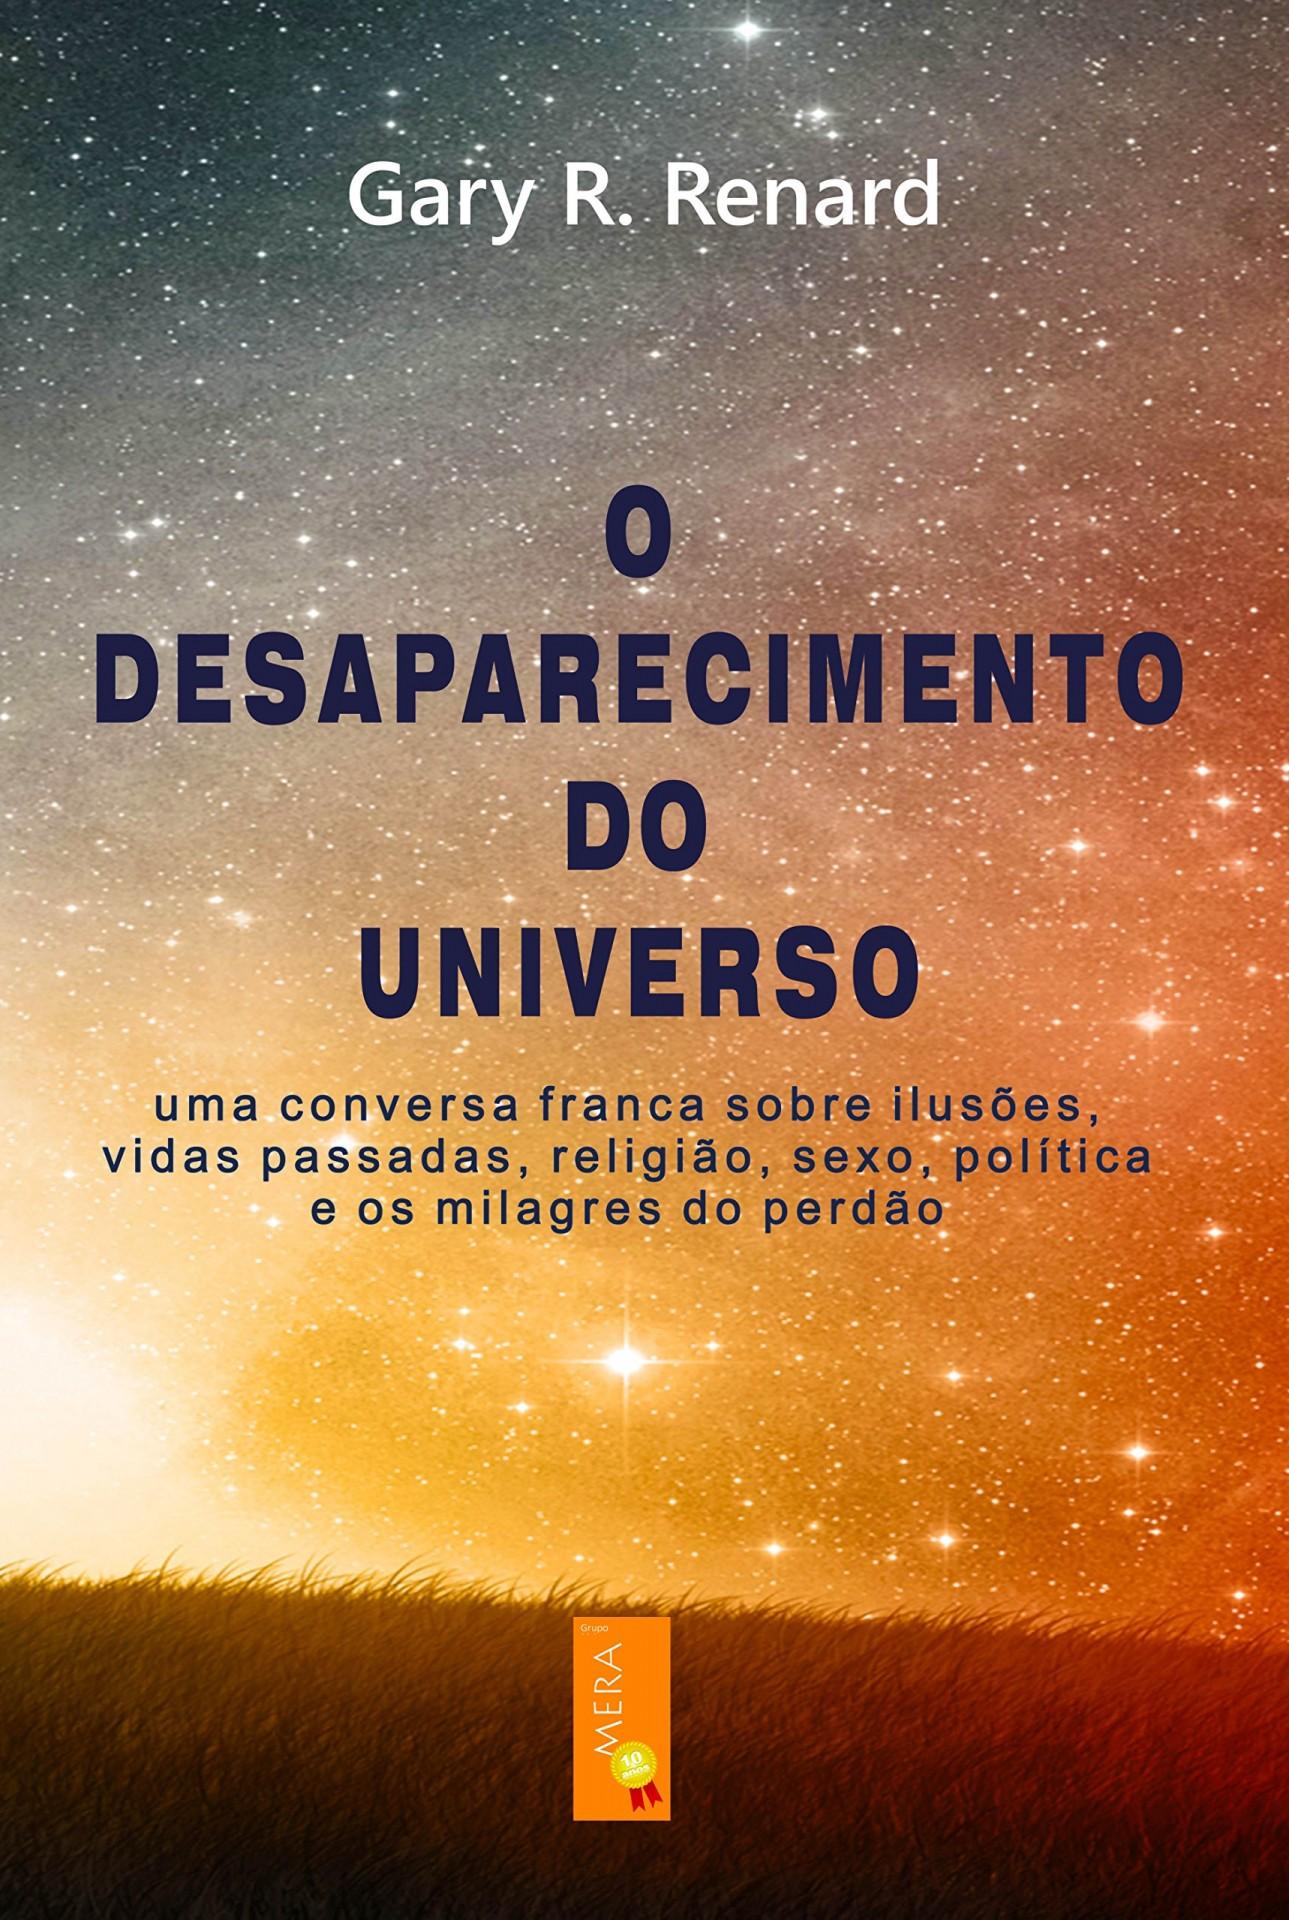 O Desaparecimento do Universo